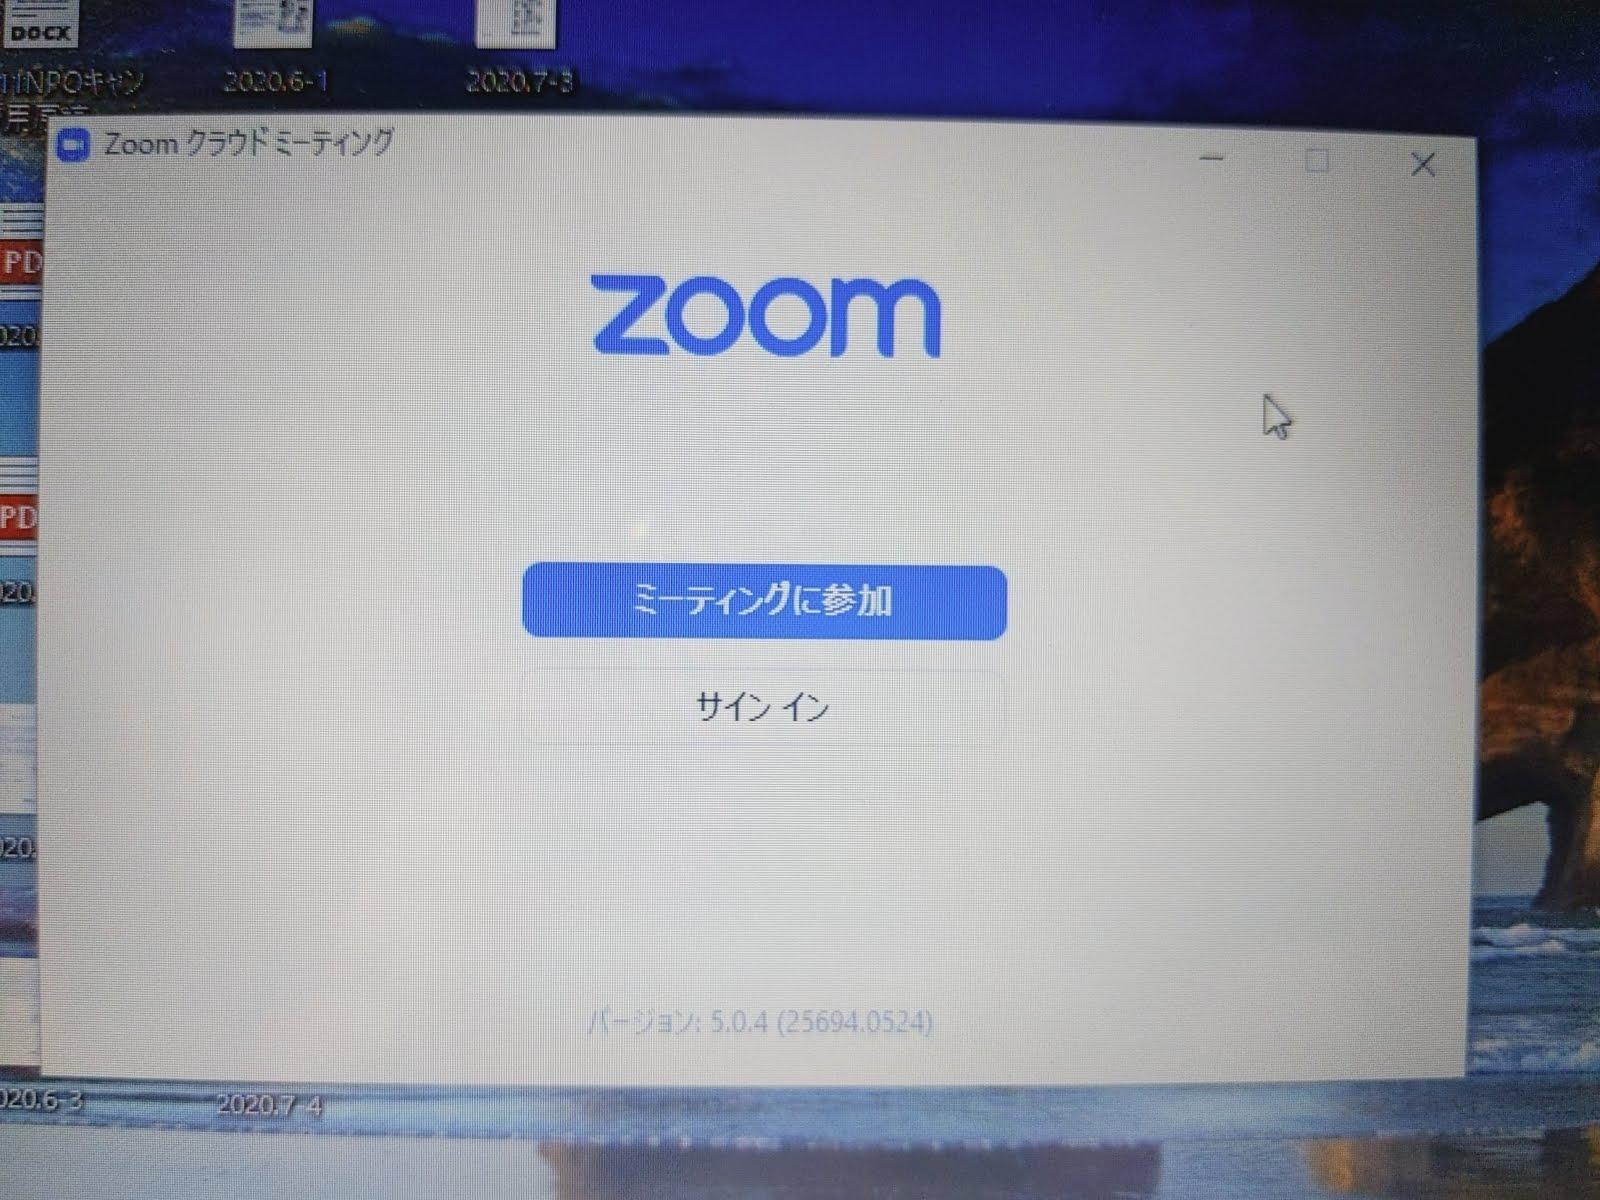 お持ちのパソコンにダウンロードしてあるZoom Cloud Meetingsアプリを開く